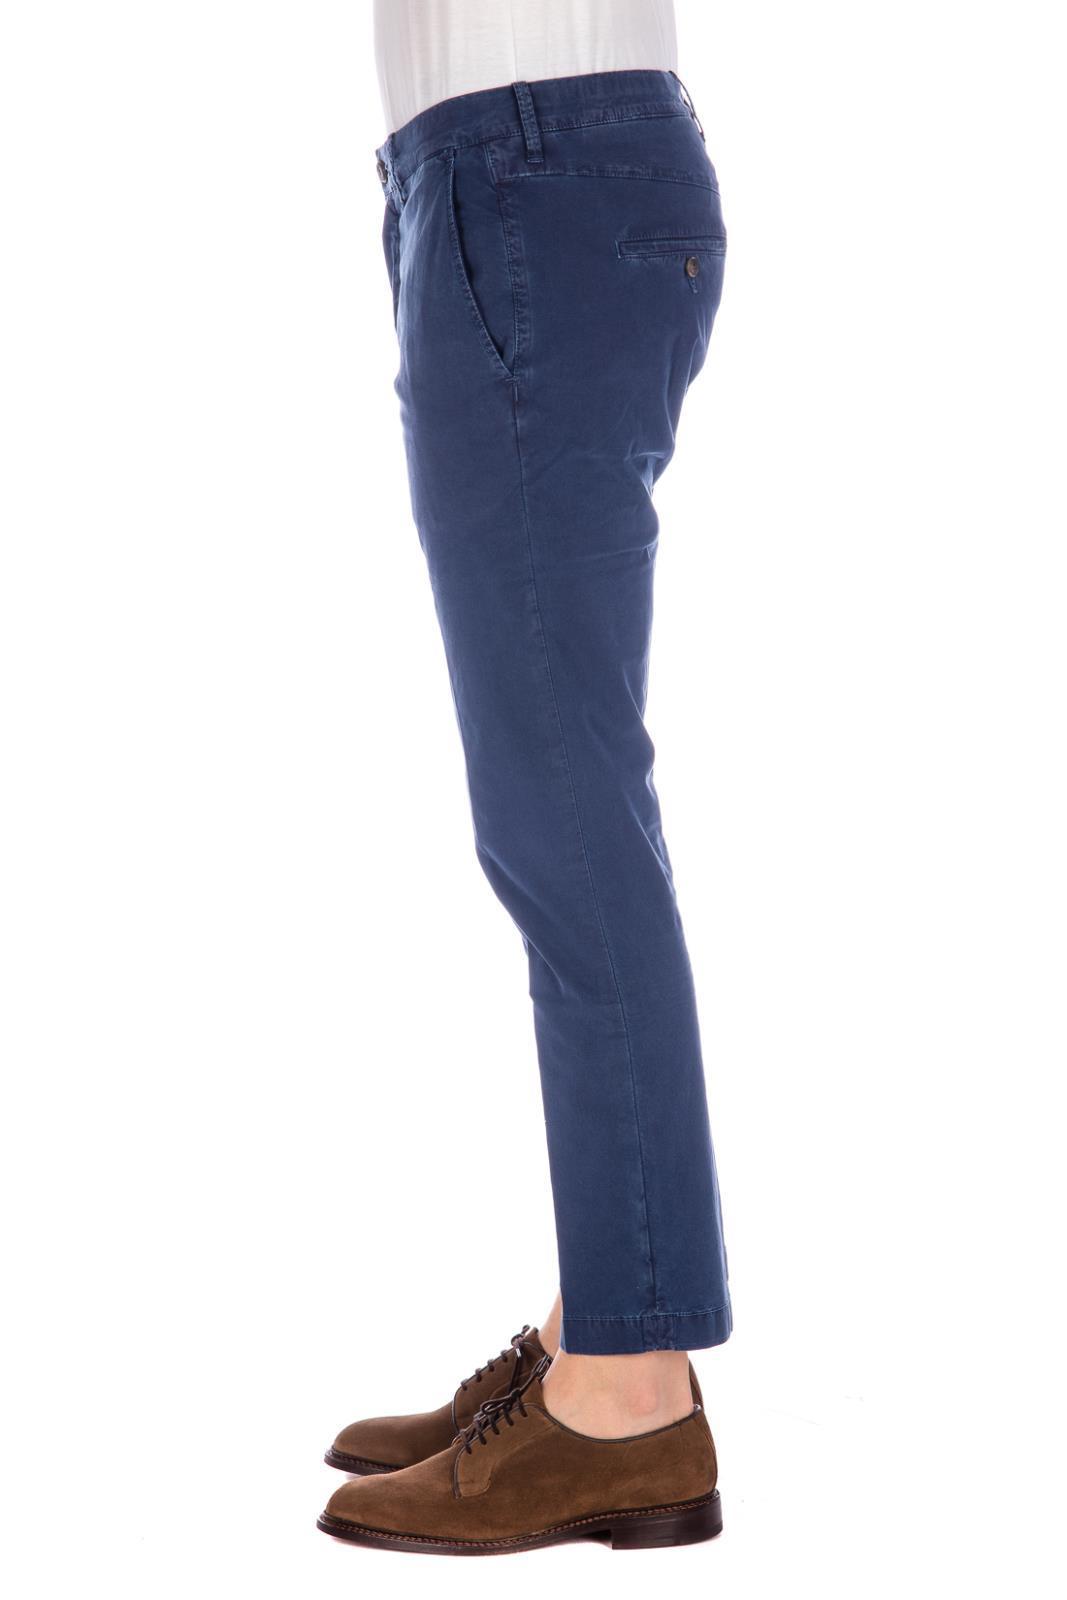 Cohen Online Comf S 08622 Giannini Pantalone Lion Jacob Shop w8vwq